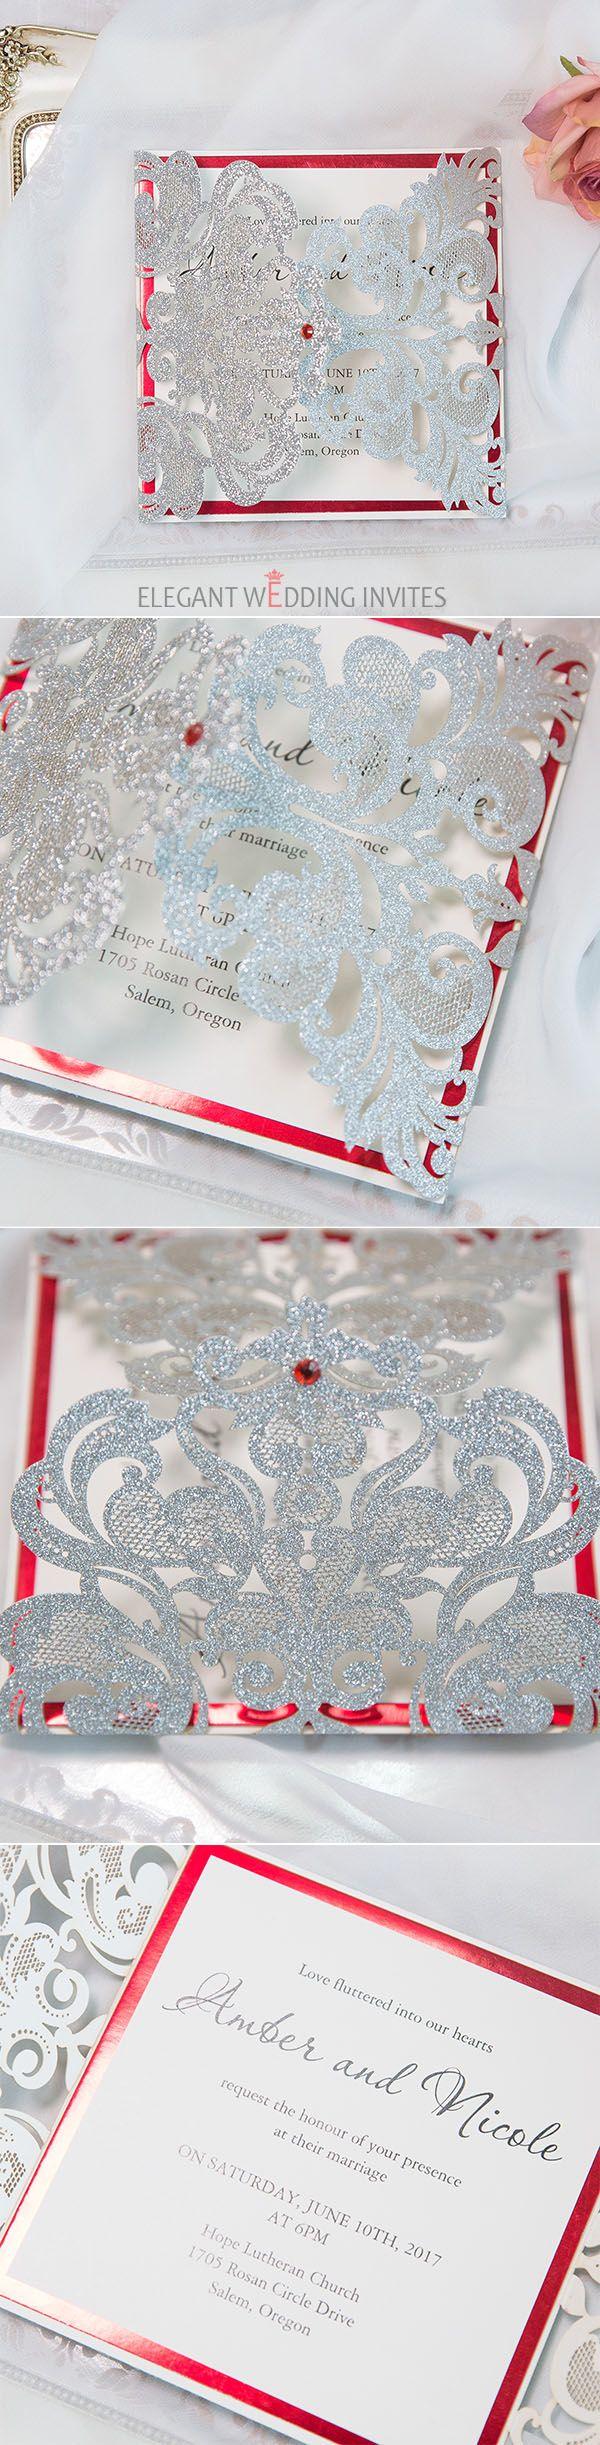 unique silver and red glitter wedding invitations